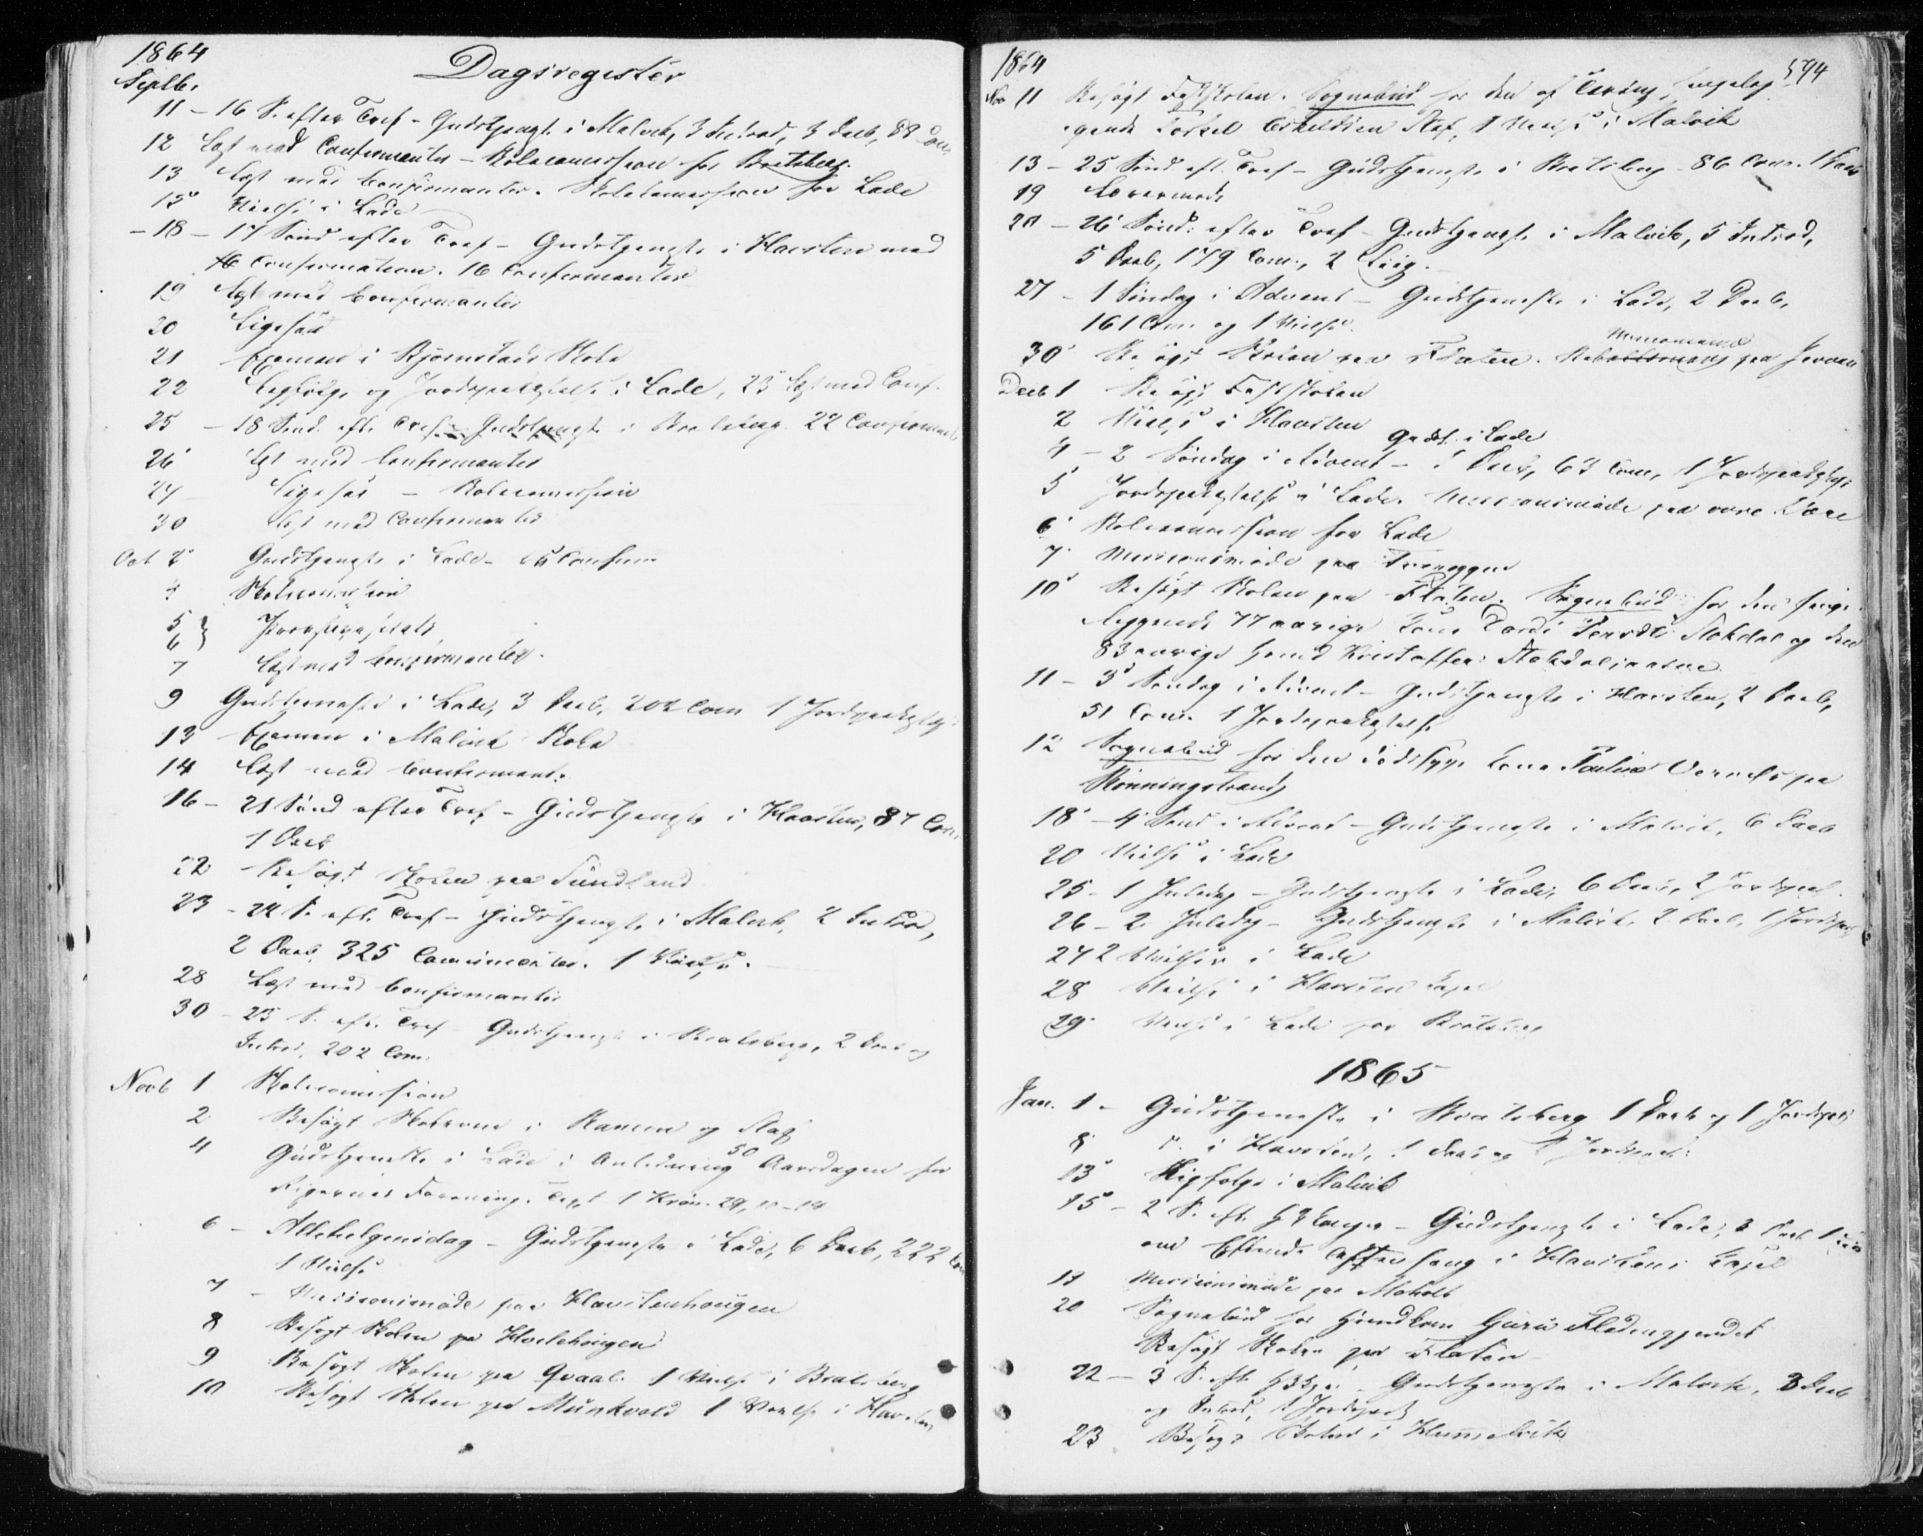 SAT, Ministerialprotokoller, klokkerbøker og fødselsregistre - Sør-Trøndelag, 606/L0292: Ministerialbok nr. 606A07, 1856-1865, s. 594